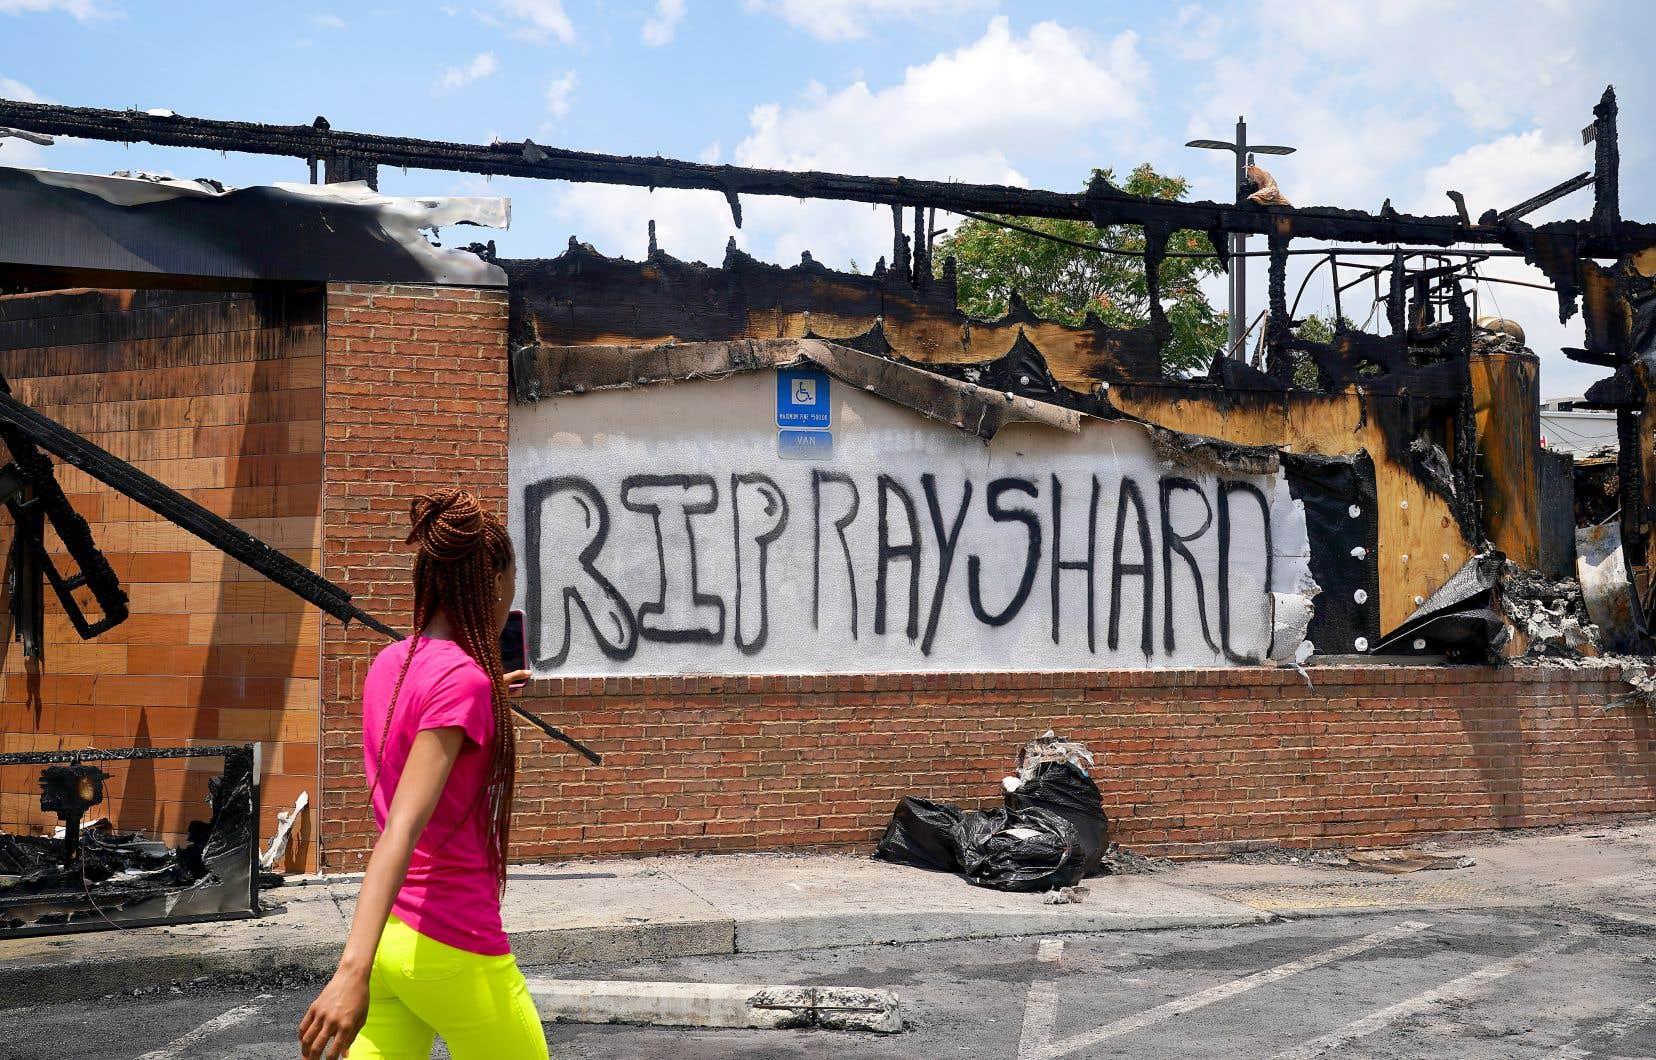 Des manifestants ont incendié, samedi, ce restaurant près duquel Rayshard Brooks a été mortellement blessé par un policier vendredi à Atlanta.